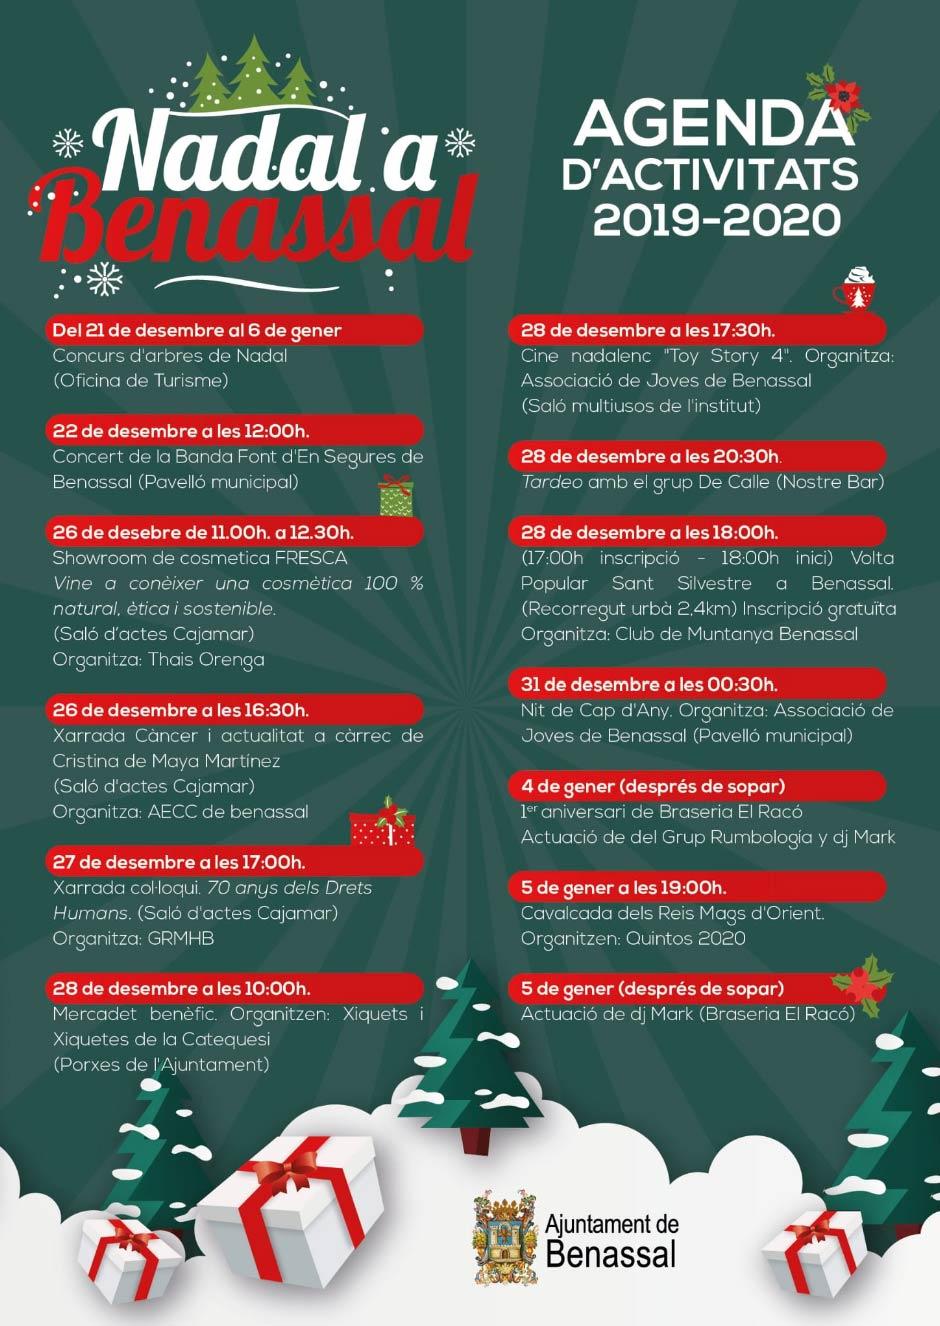 Nadal a Benassal · Actividades